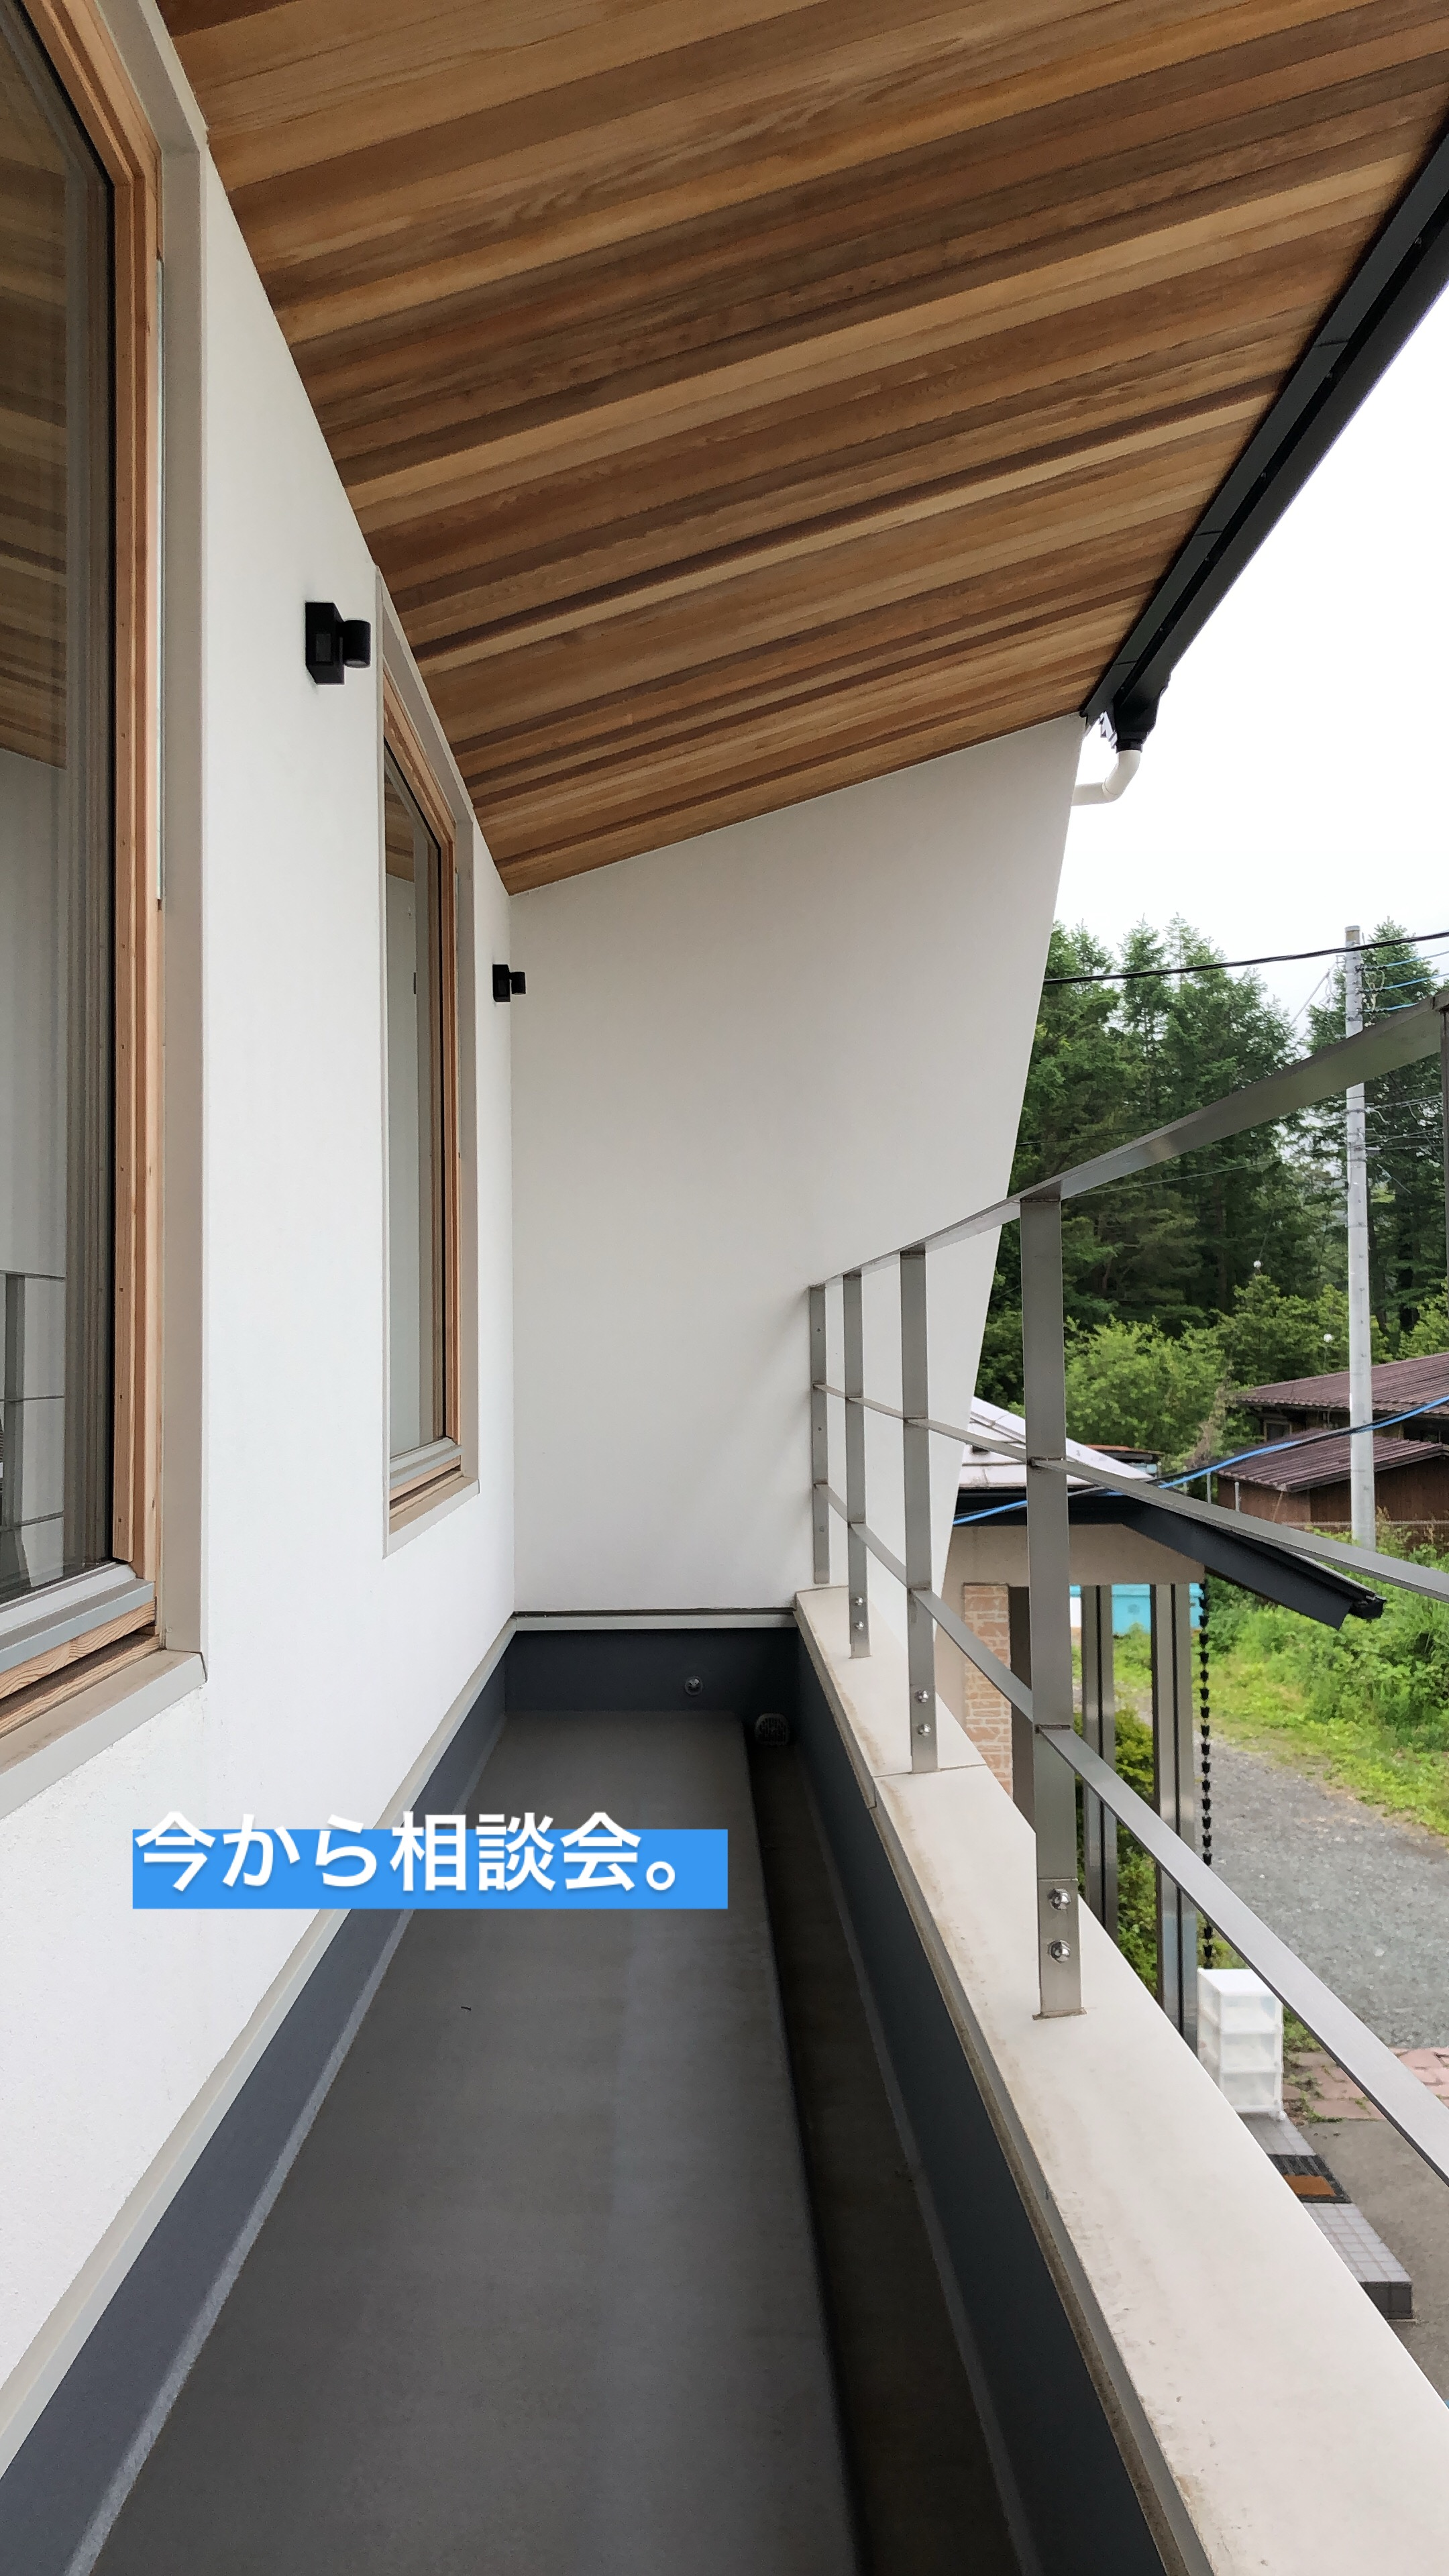 山梨県の工務店、未来建築工房とつくる注文住宅。|家づくりの相談